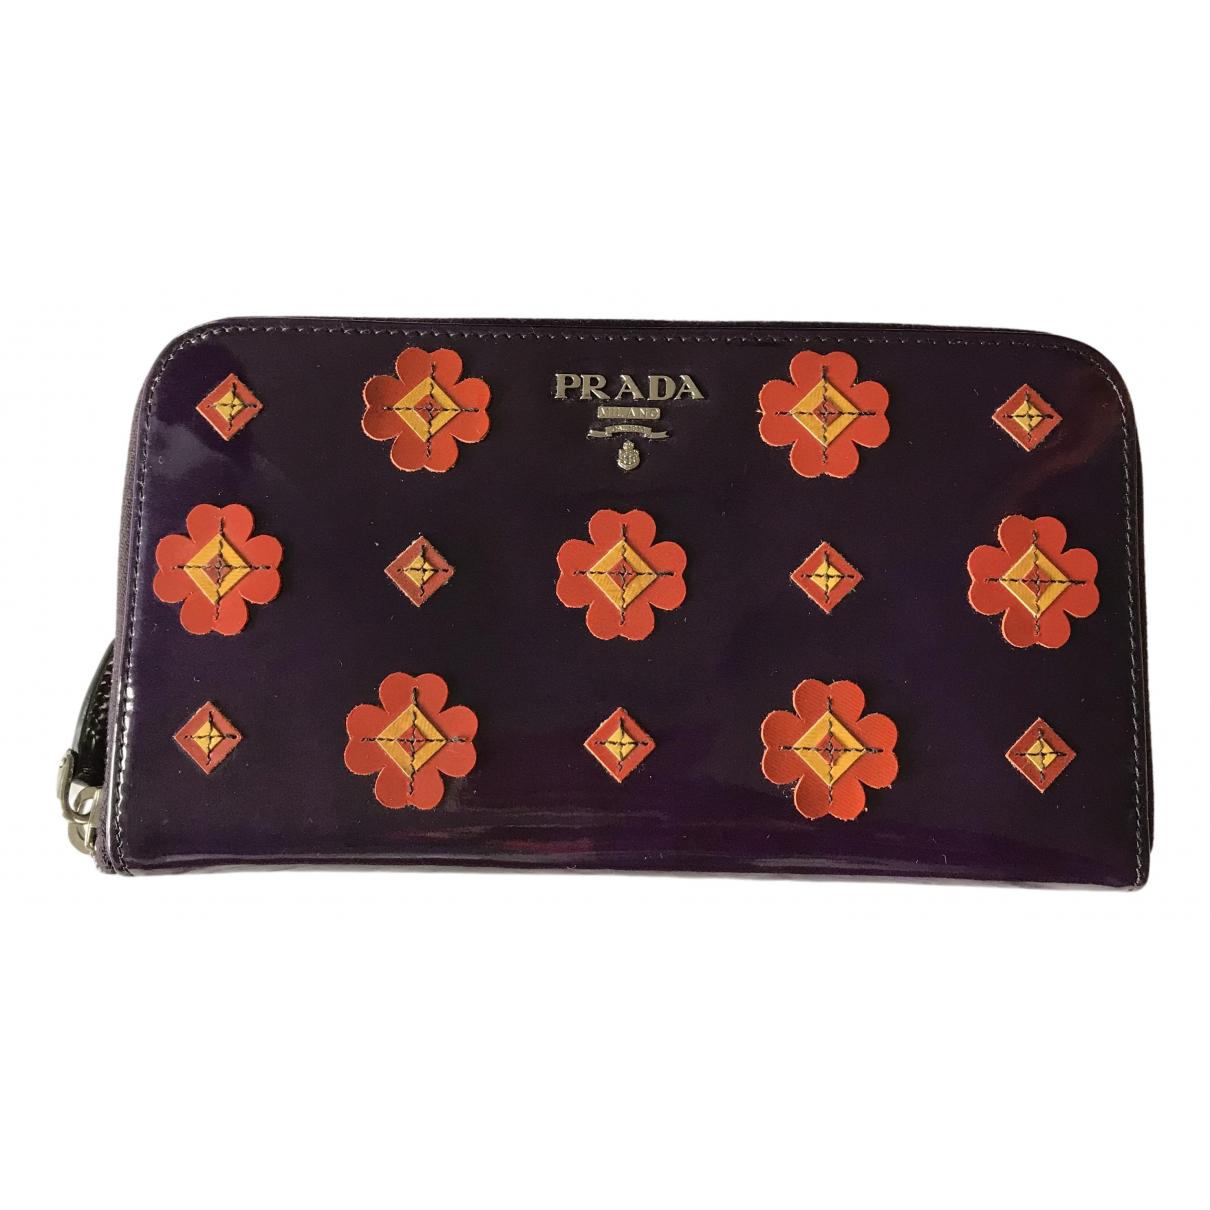 Prada - Portefeuille   pour femme en cuir verni - violet